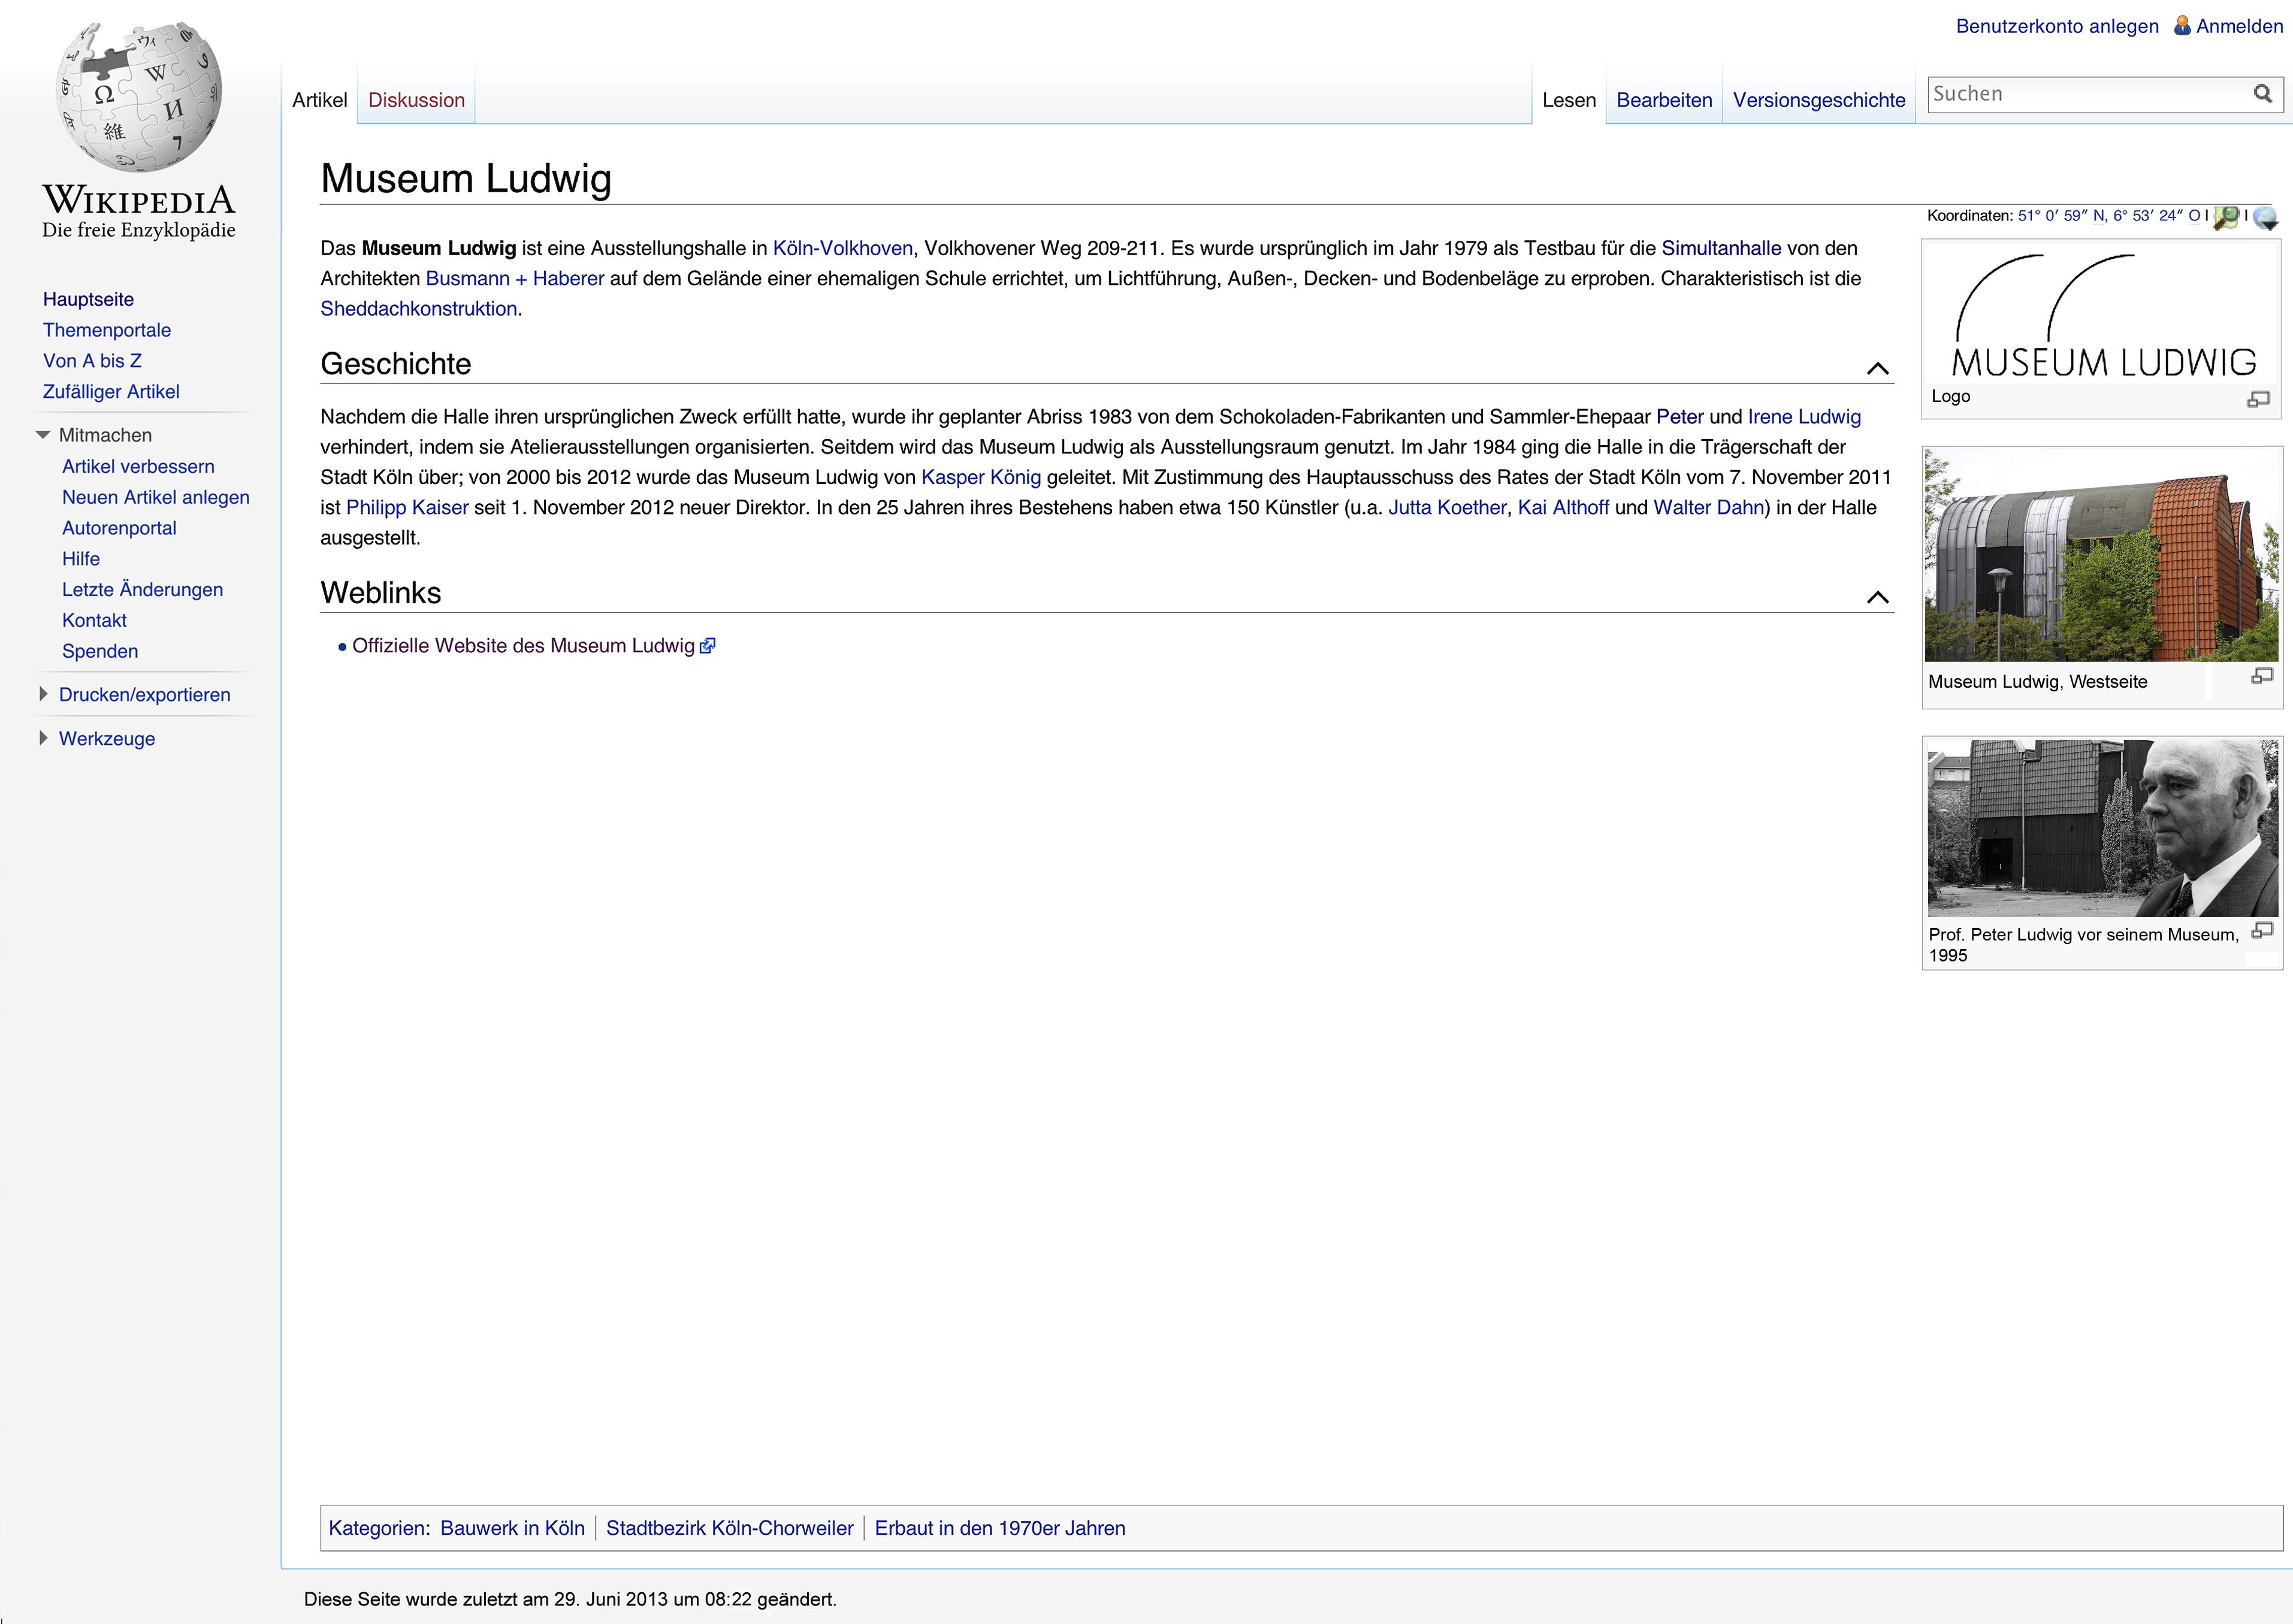 MuseumLudwig Wikipedia in ludwig simultan